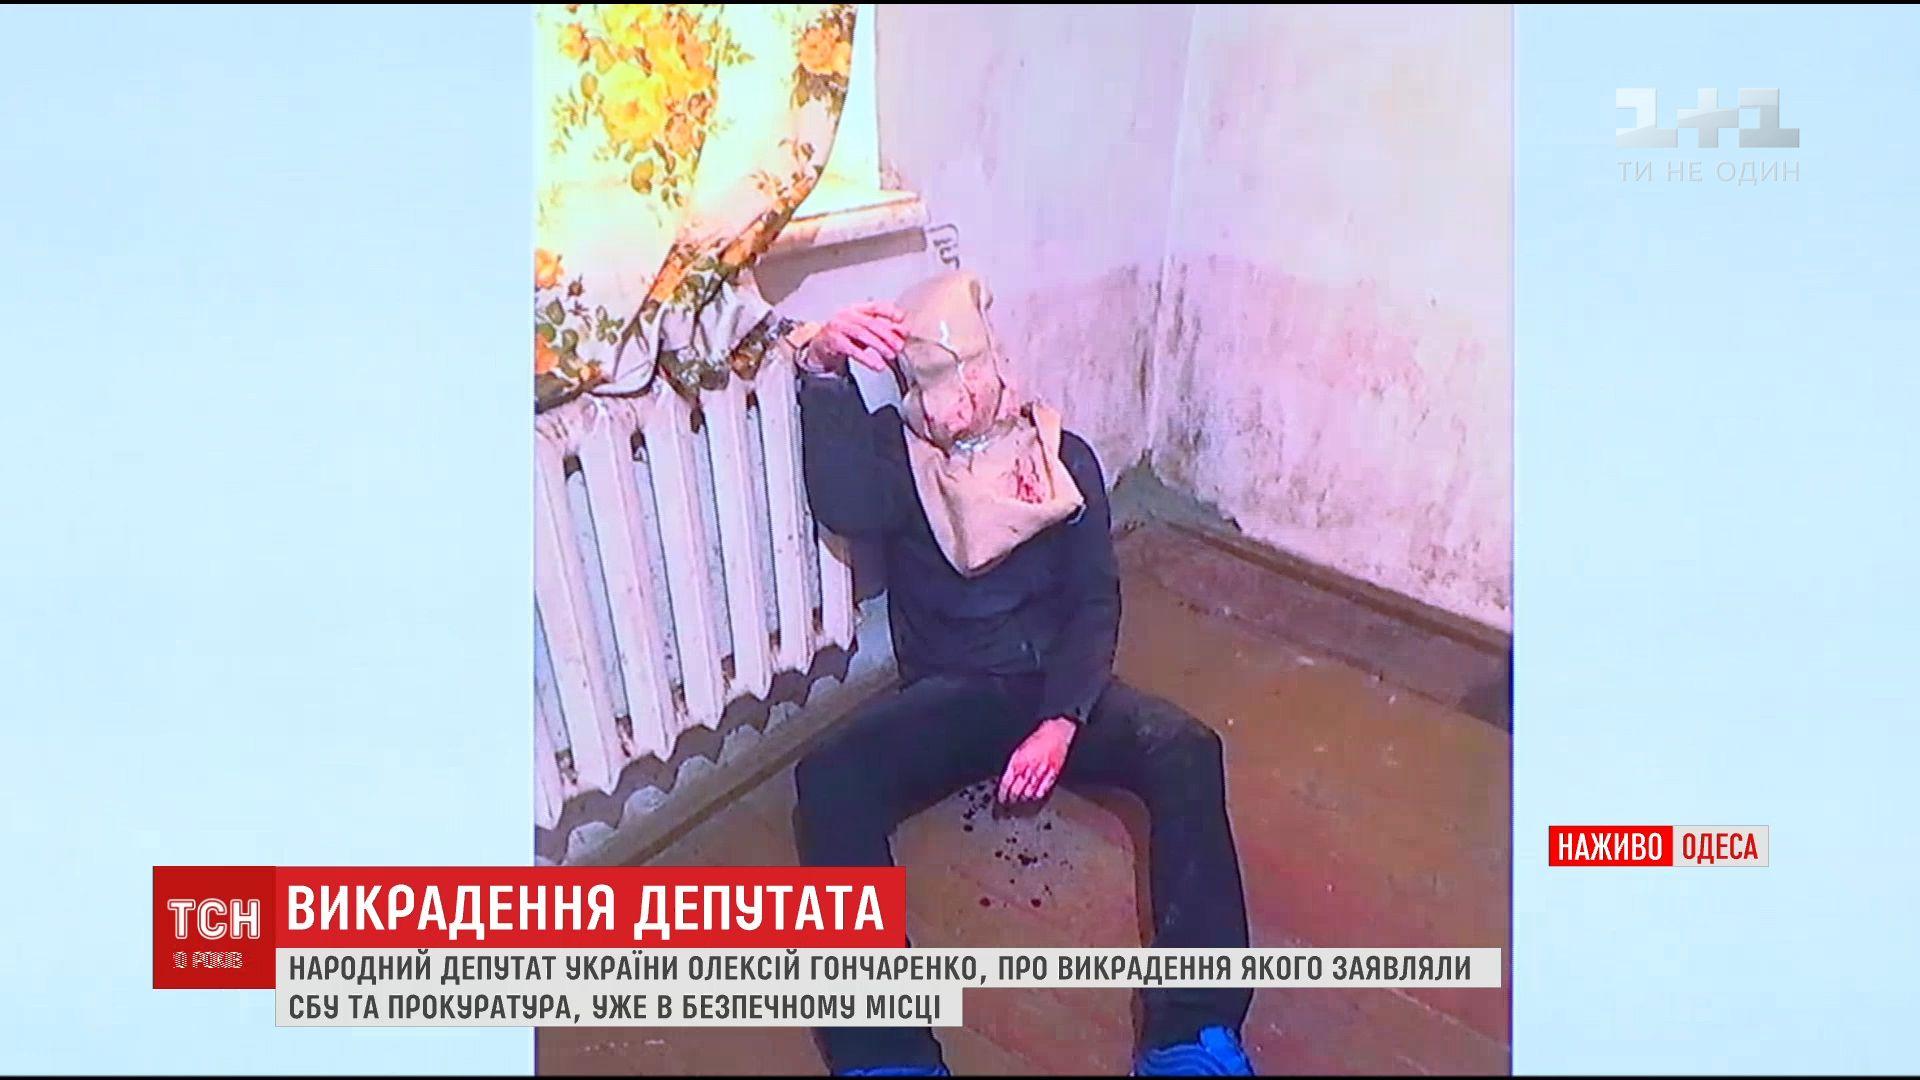 В Одесі висунуто підозру трьом особам в організації викрадення Гончаренка